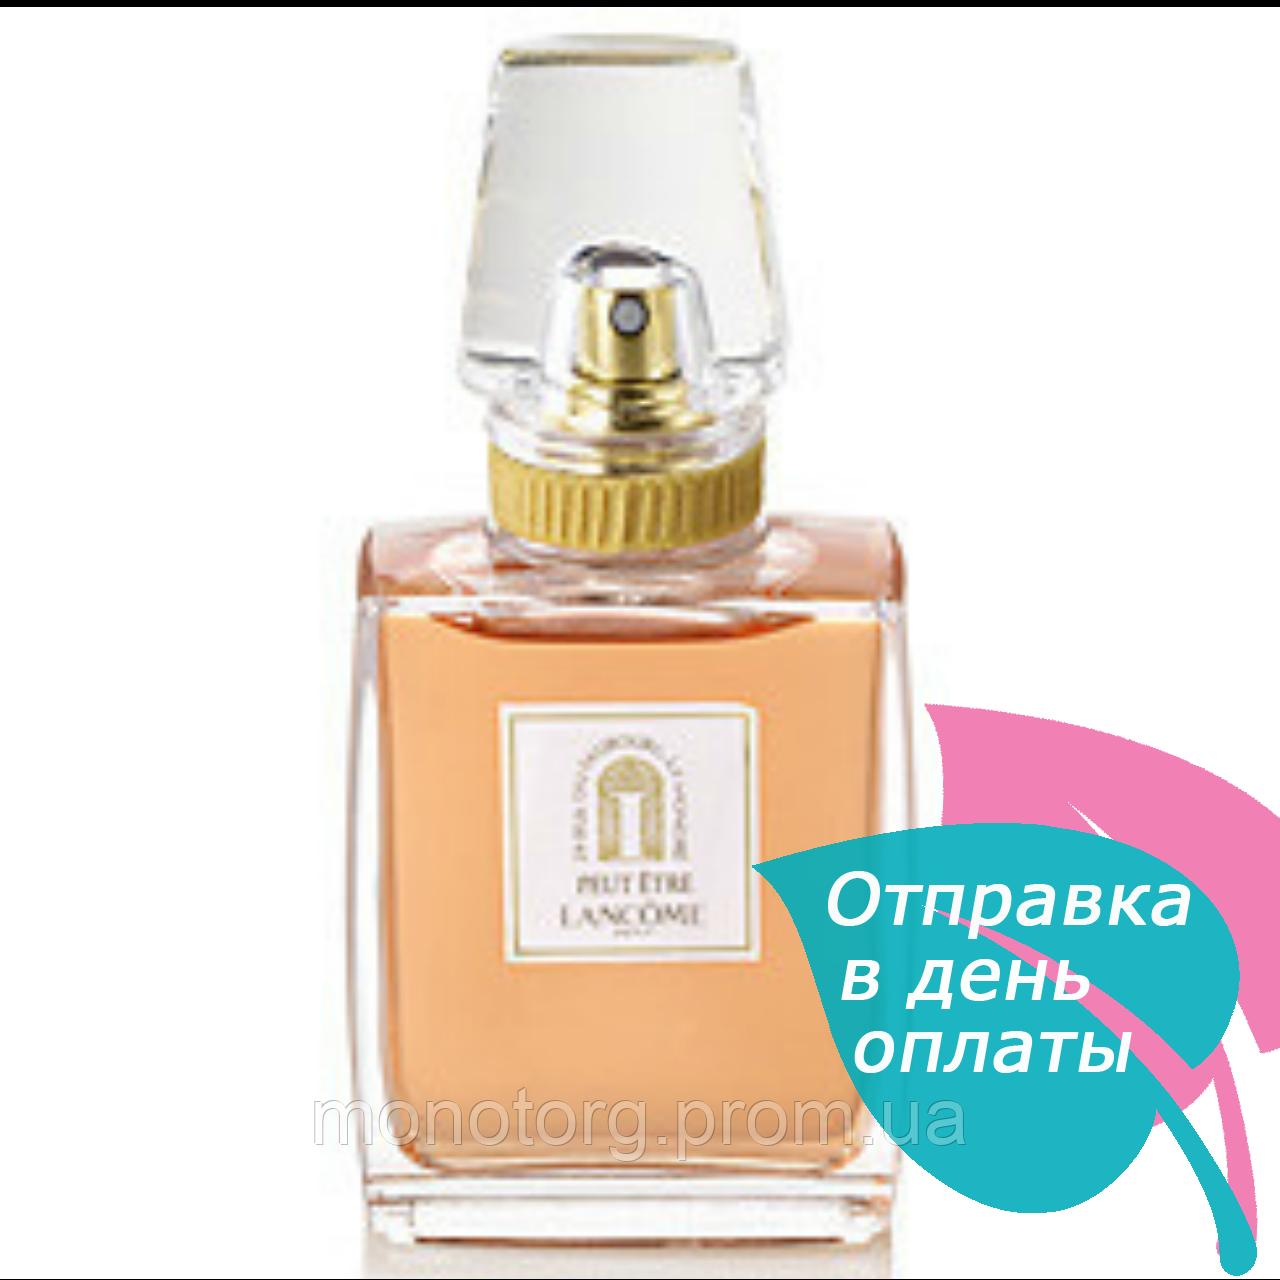 Женская парфюмированная вода Lancome Peut-Etre